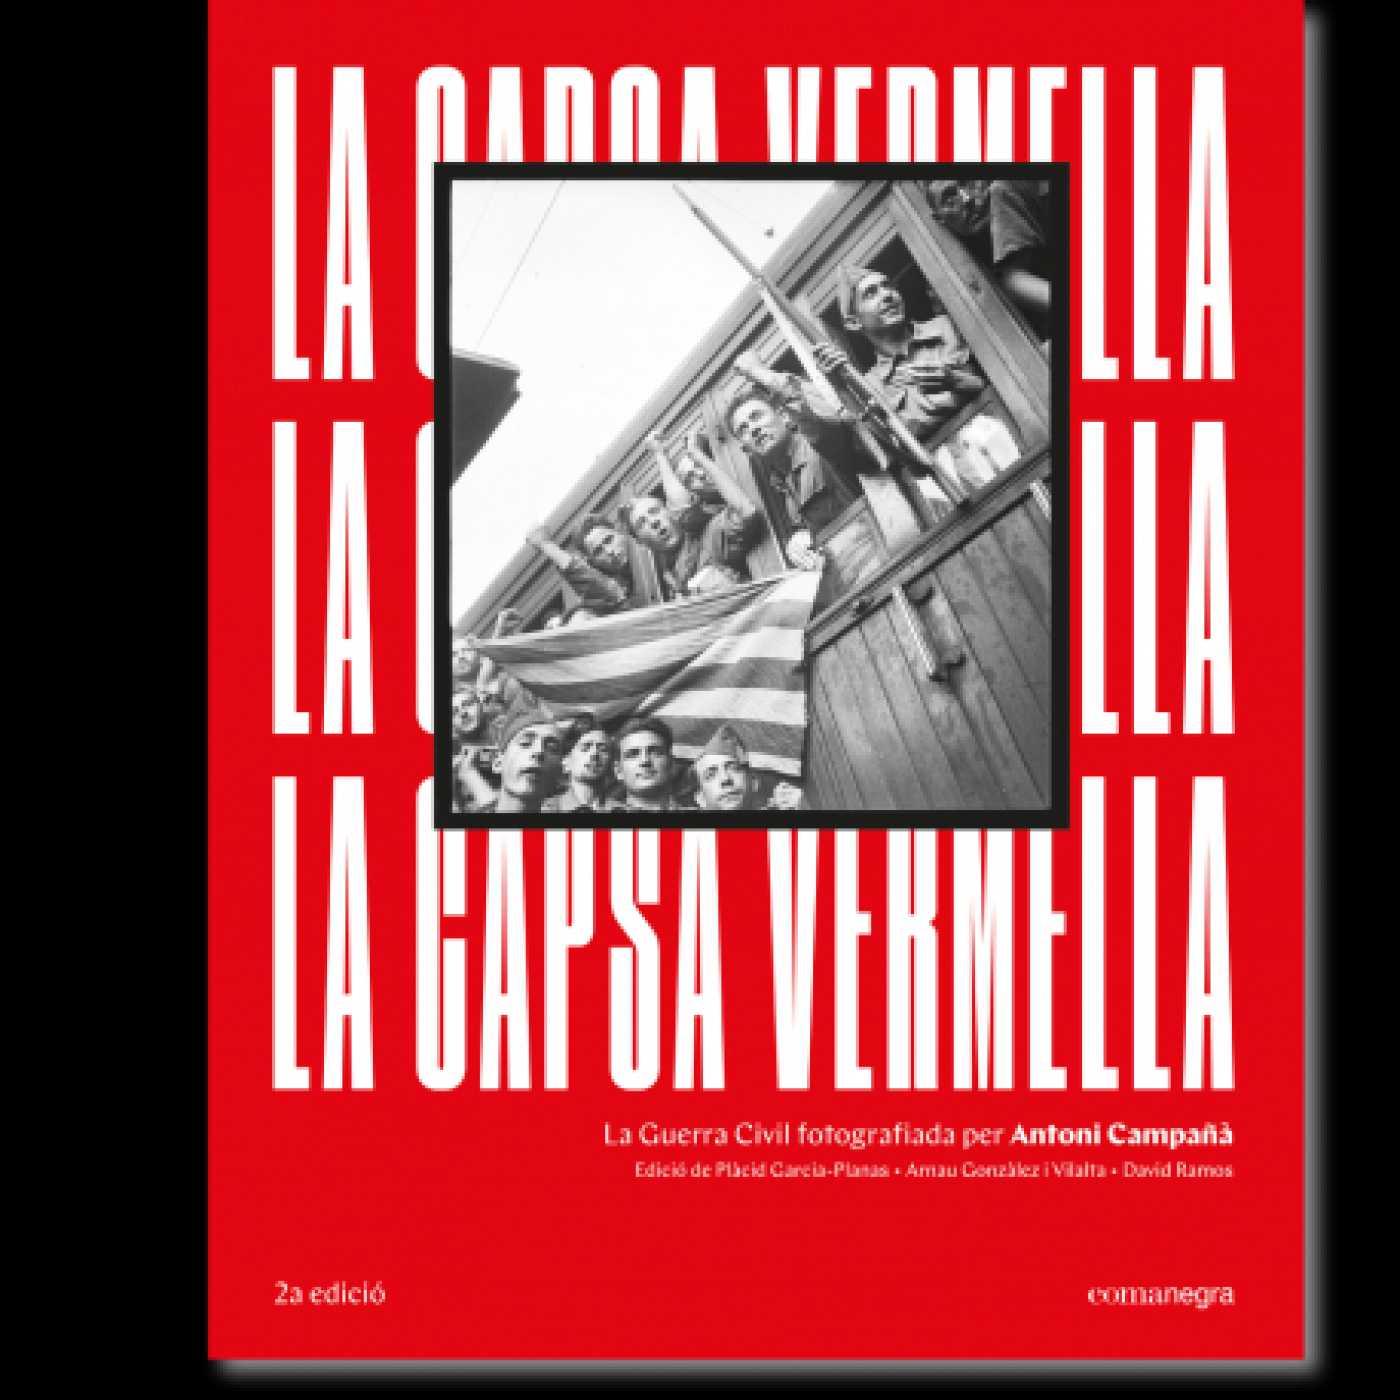 Llibres, Píxels i Valors - 09/08/20 La Capsa Vermella